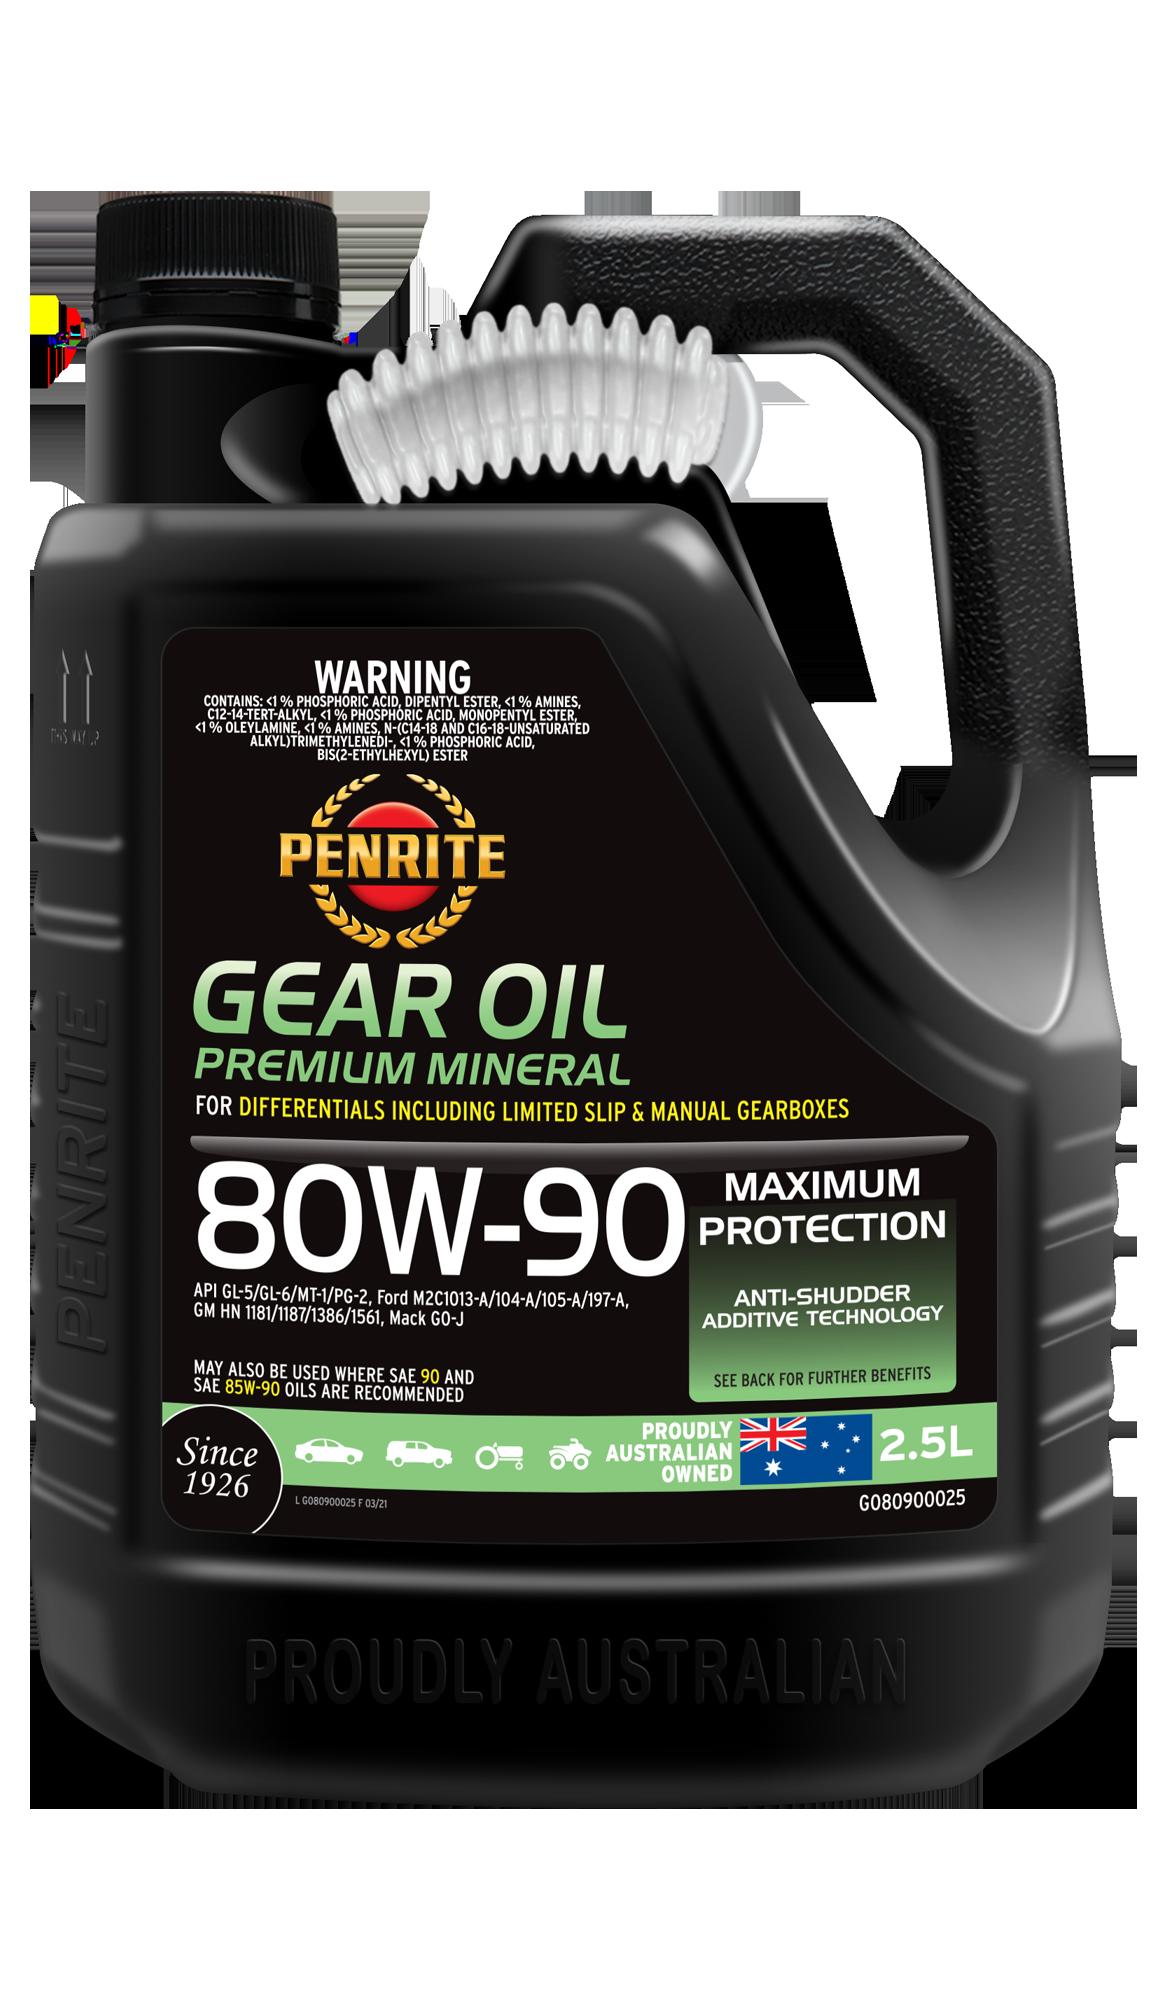 a4d59a9fa95 GEAR OIL 80W-90 (Mineral) | Penrite Oil